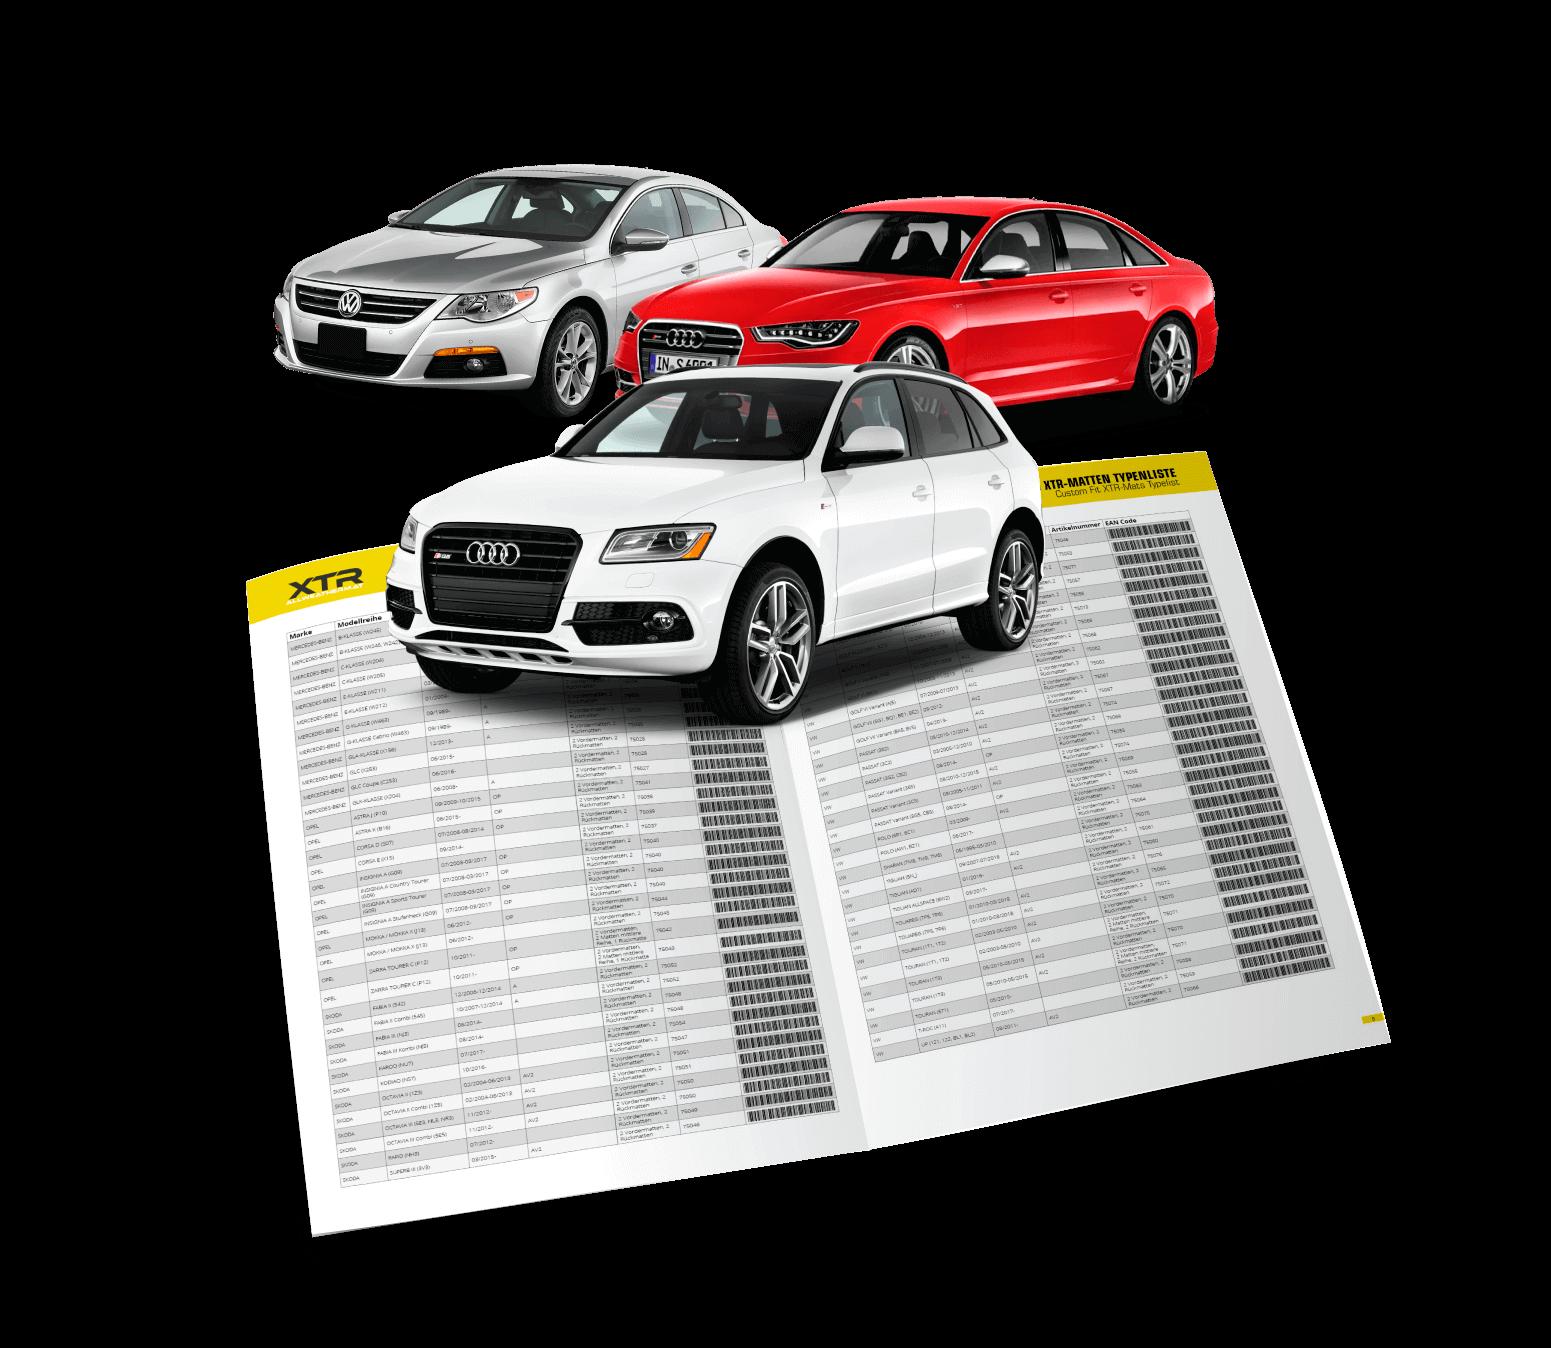 XTR - Car mats Type list